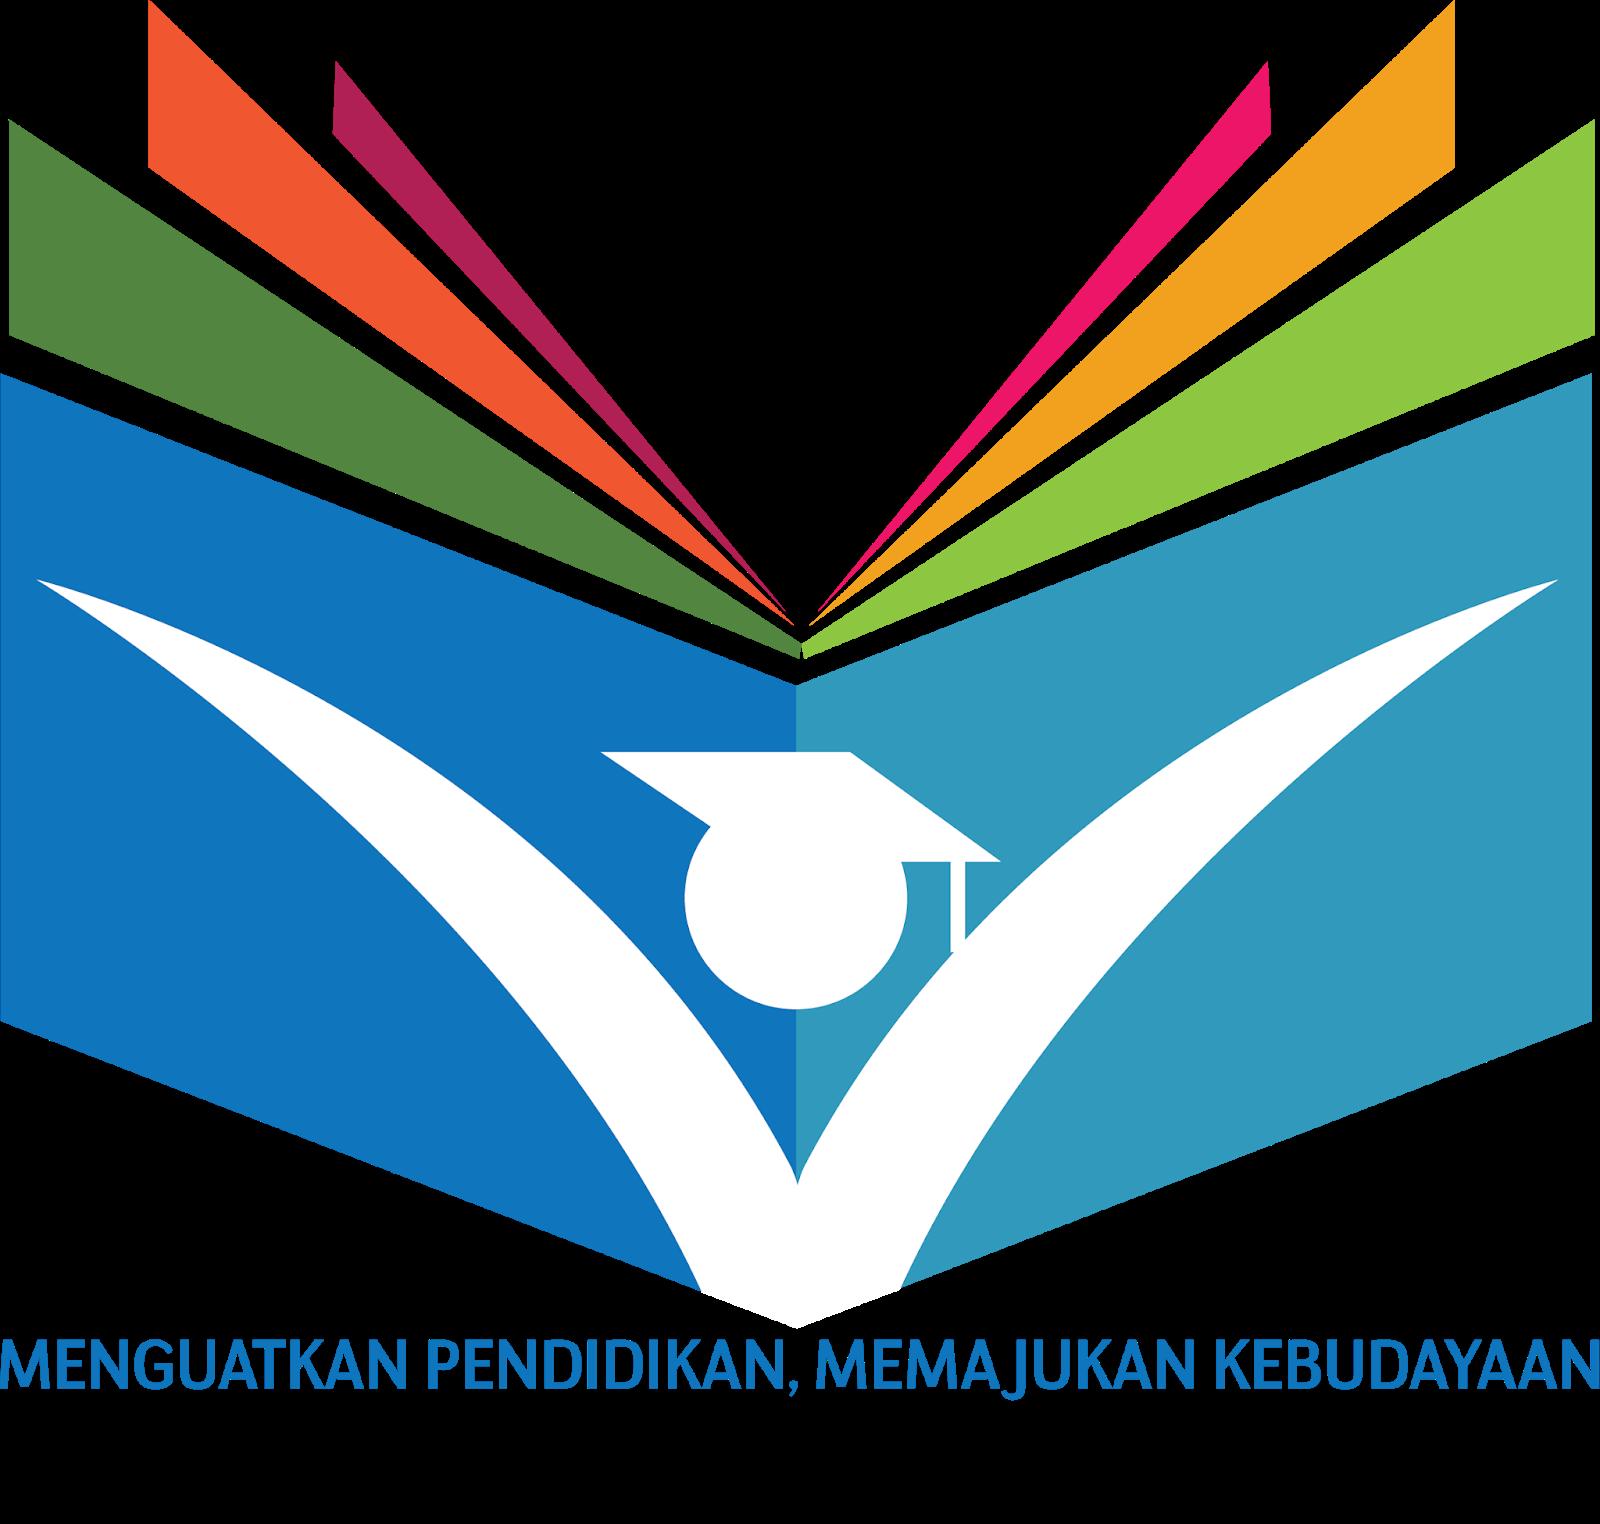 jagoan banten logo peringatan hari pendidikan nasional 2018